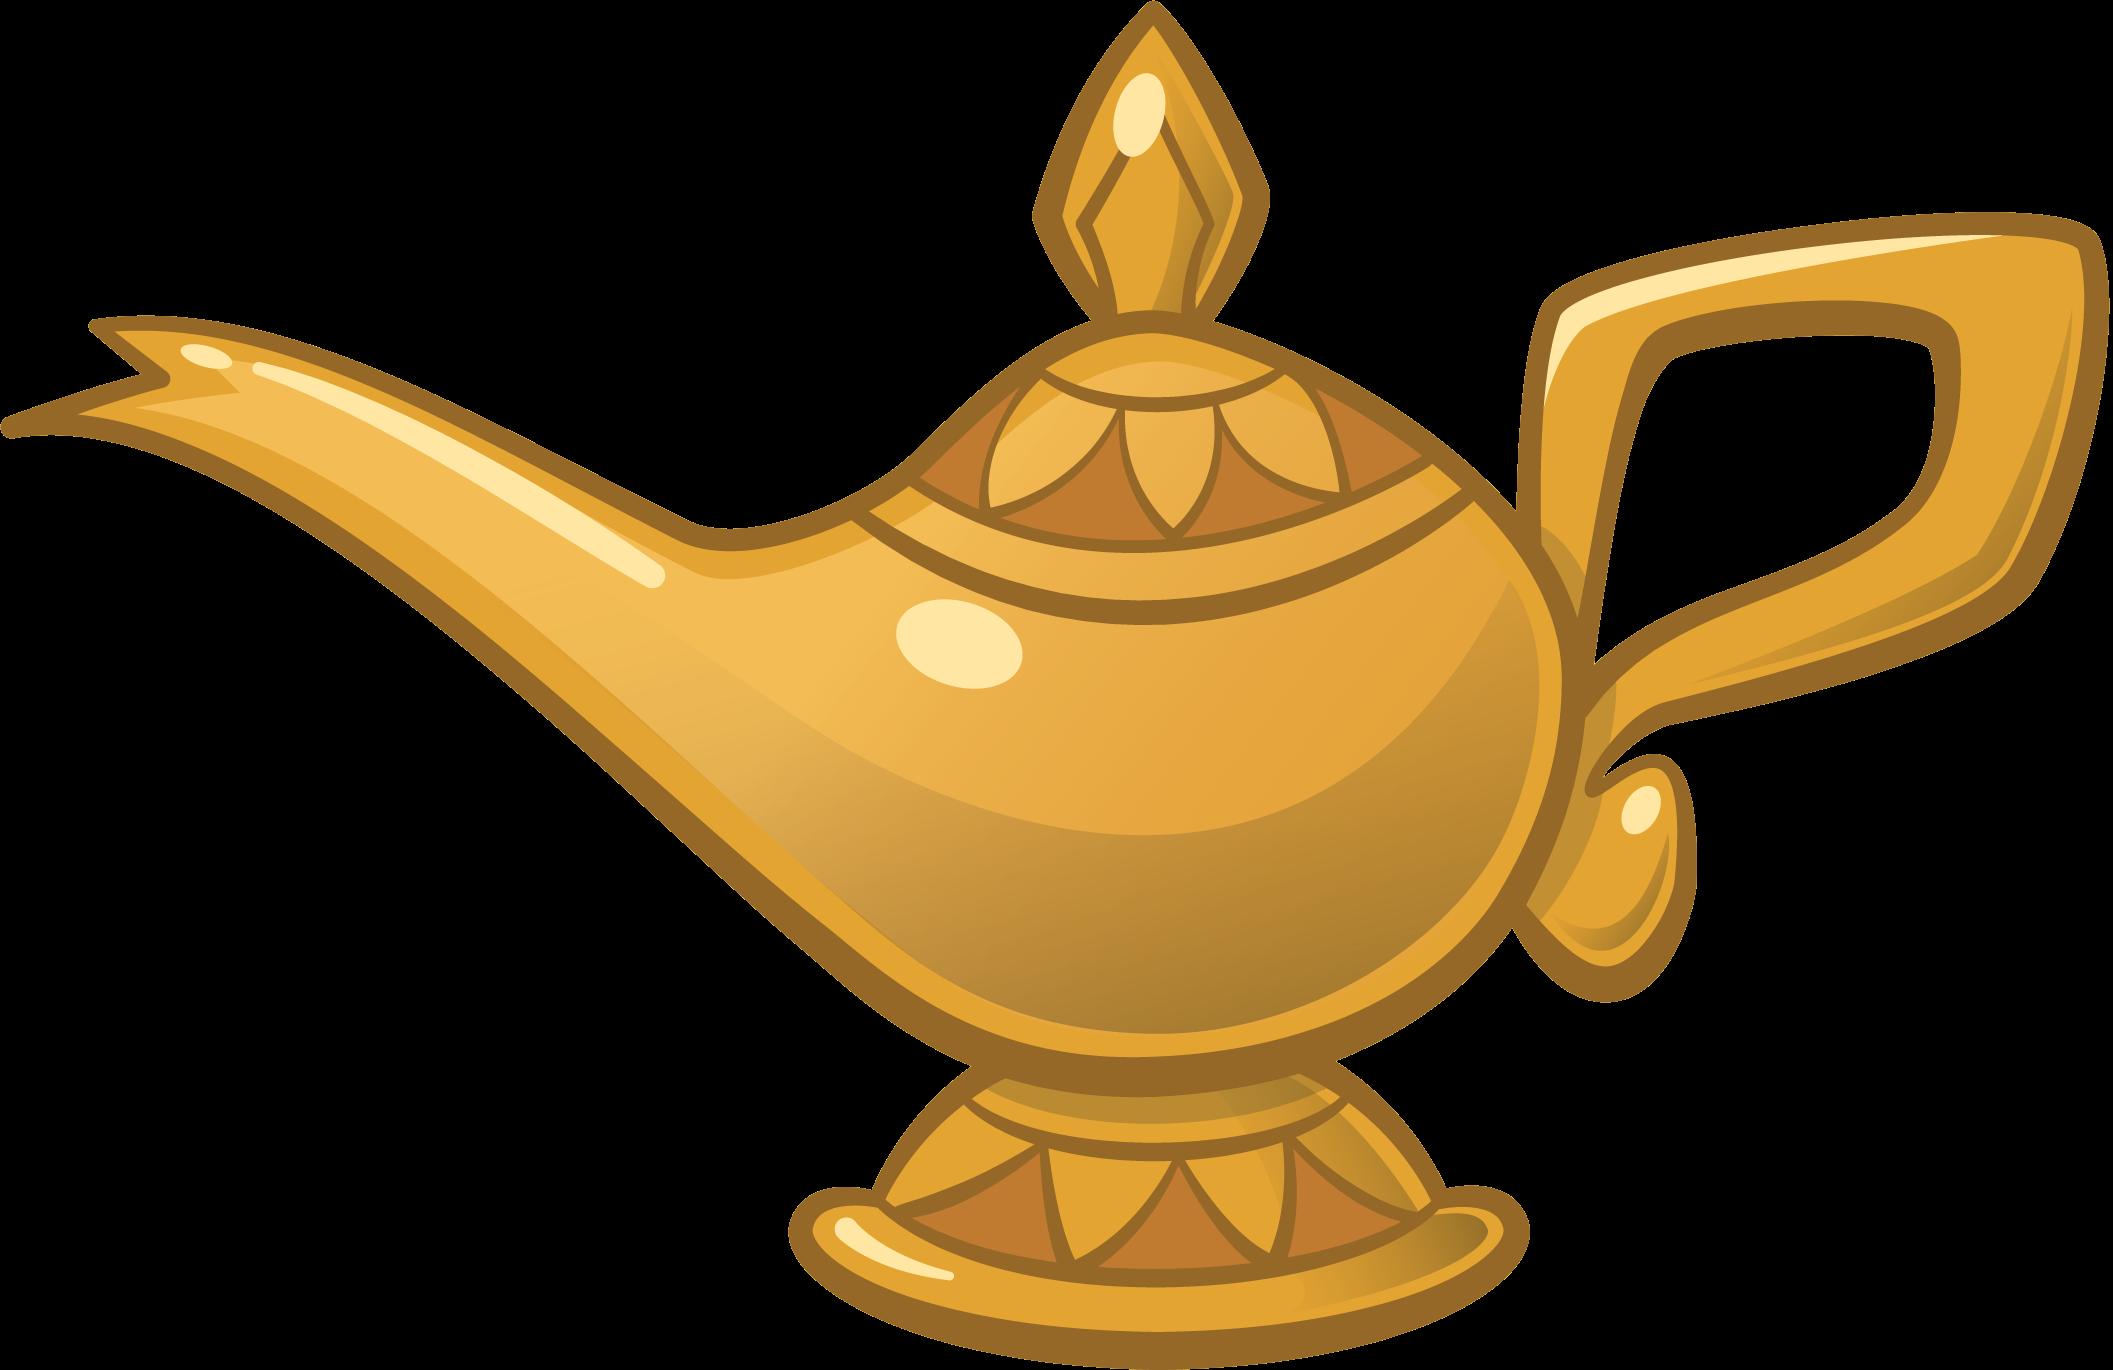 Genie Aladdin Oil lamp Jafar Light.